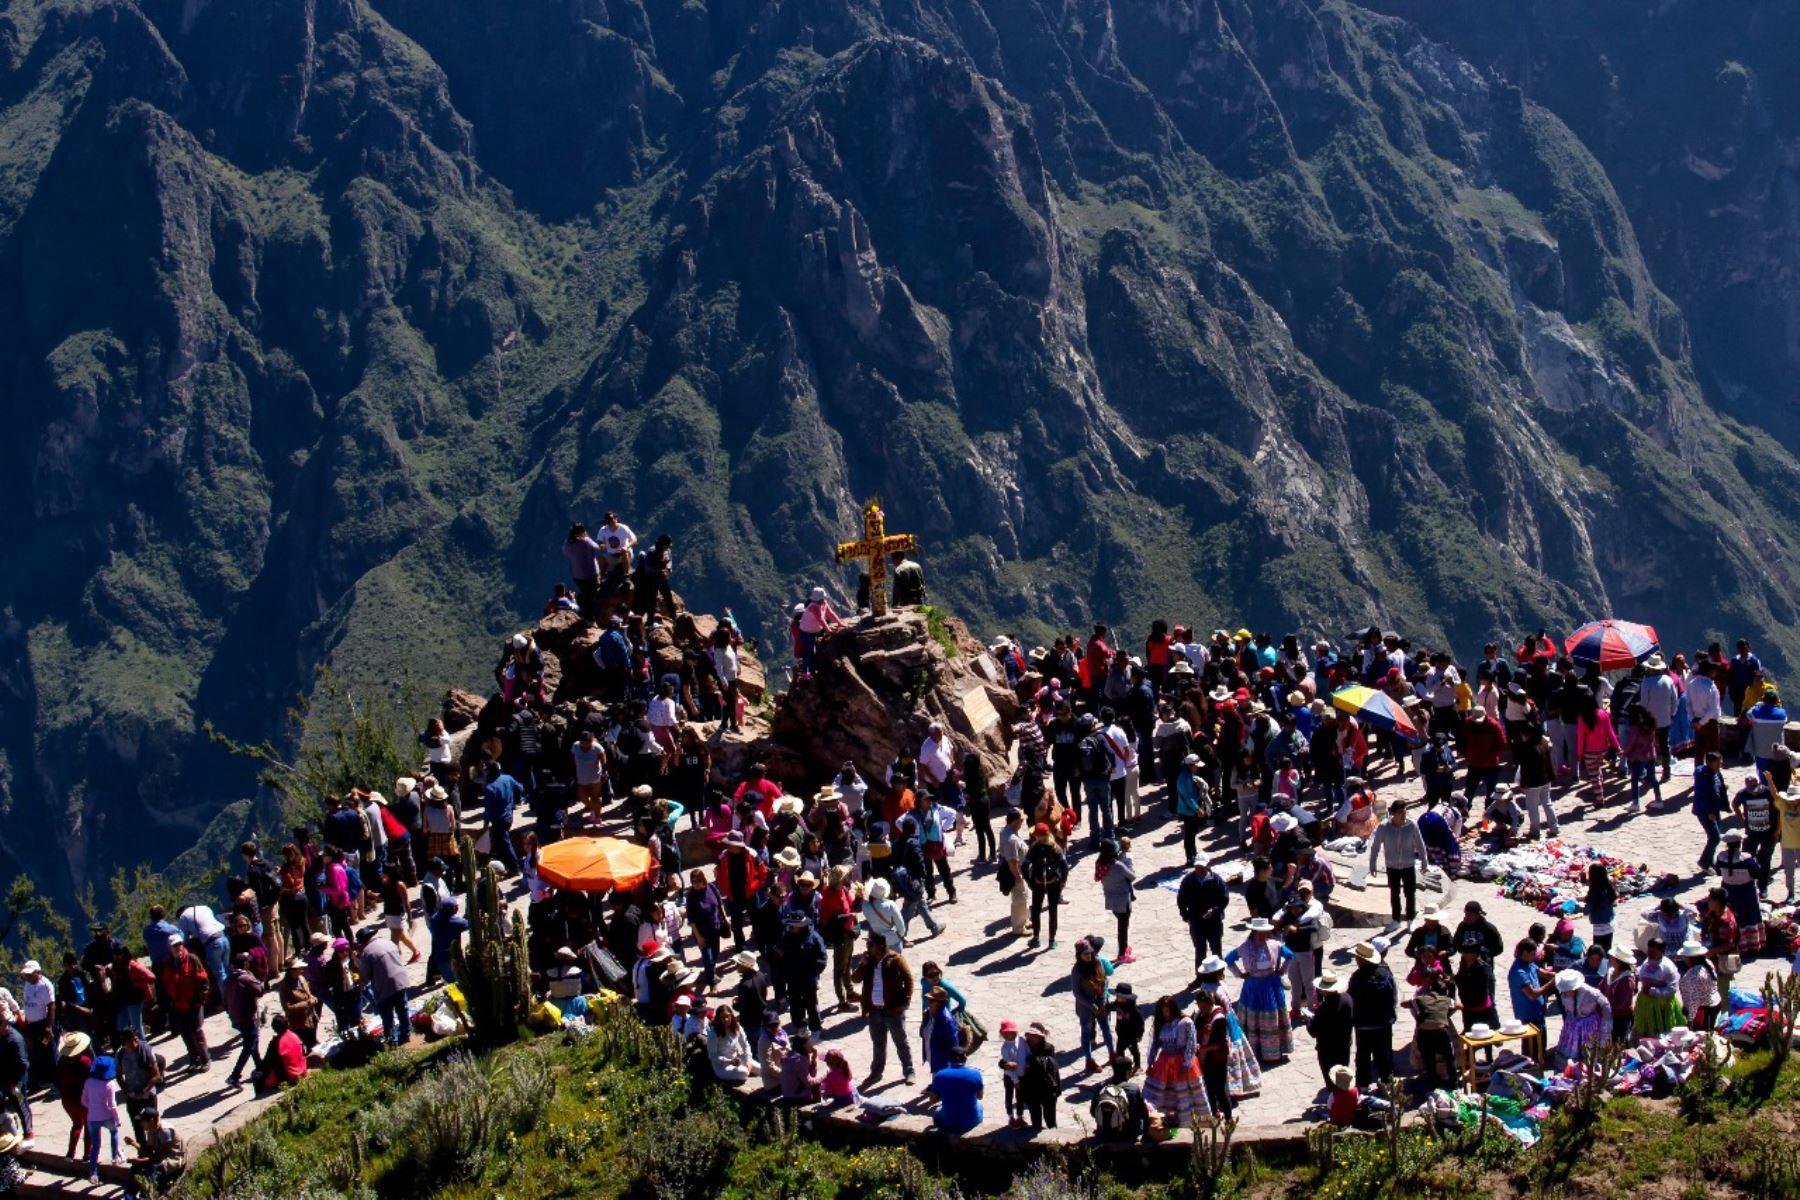 El valle del Colca se consolida como principal destino turístico de Arequipa. ANDINA